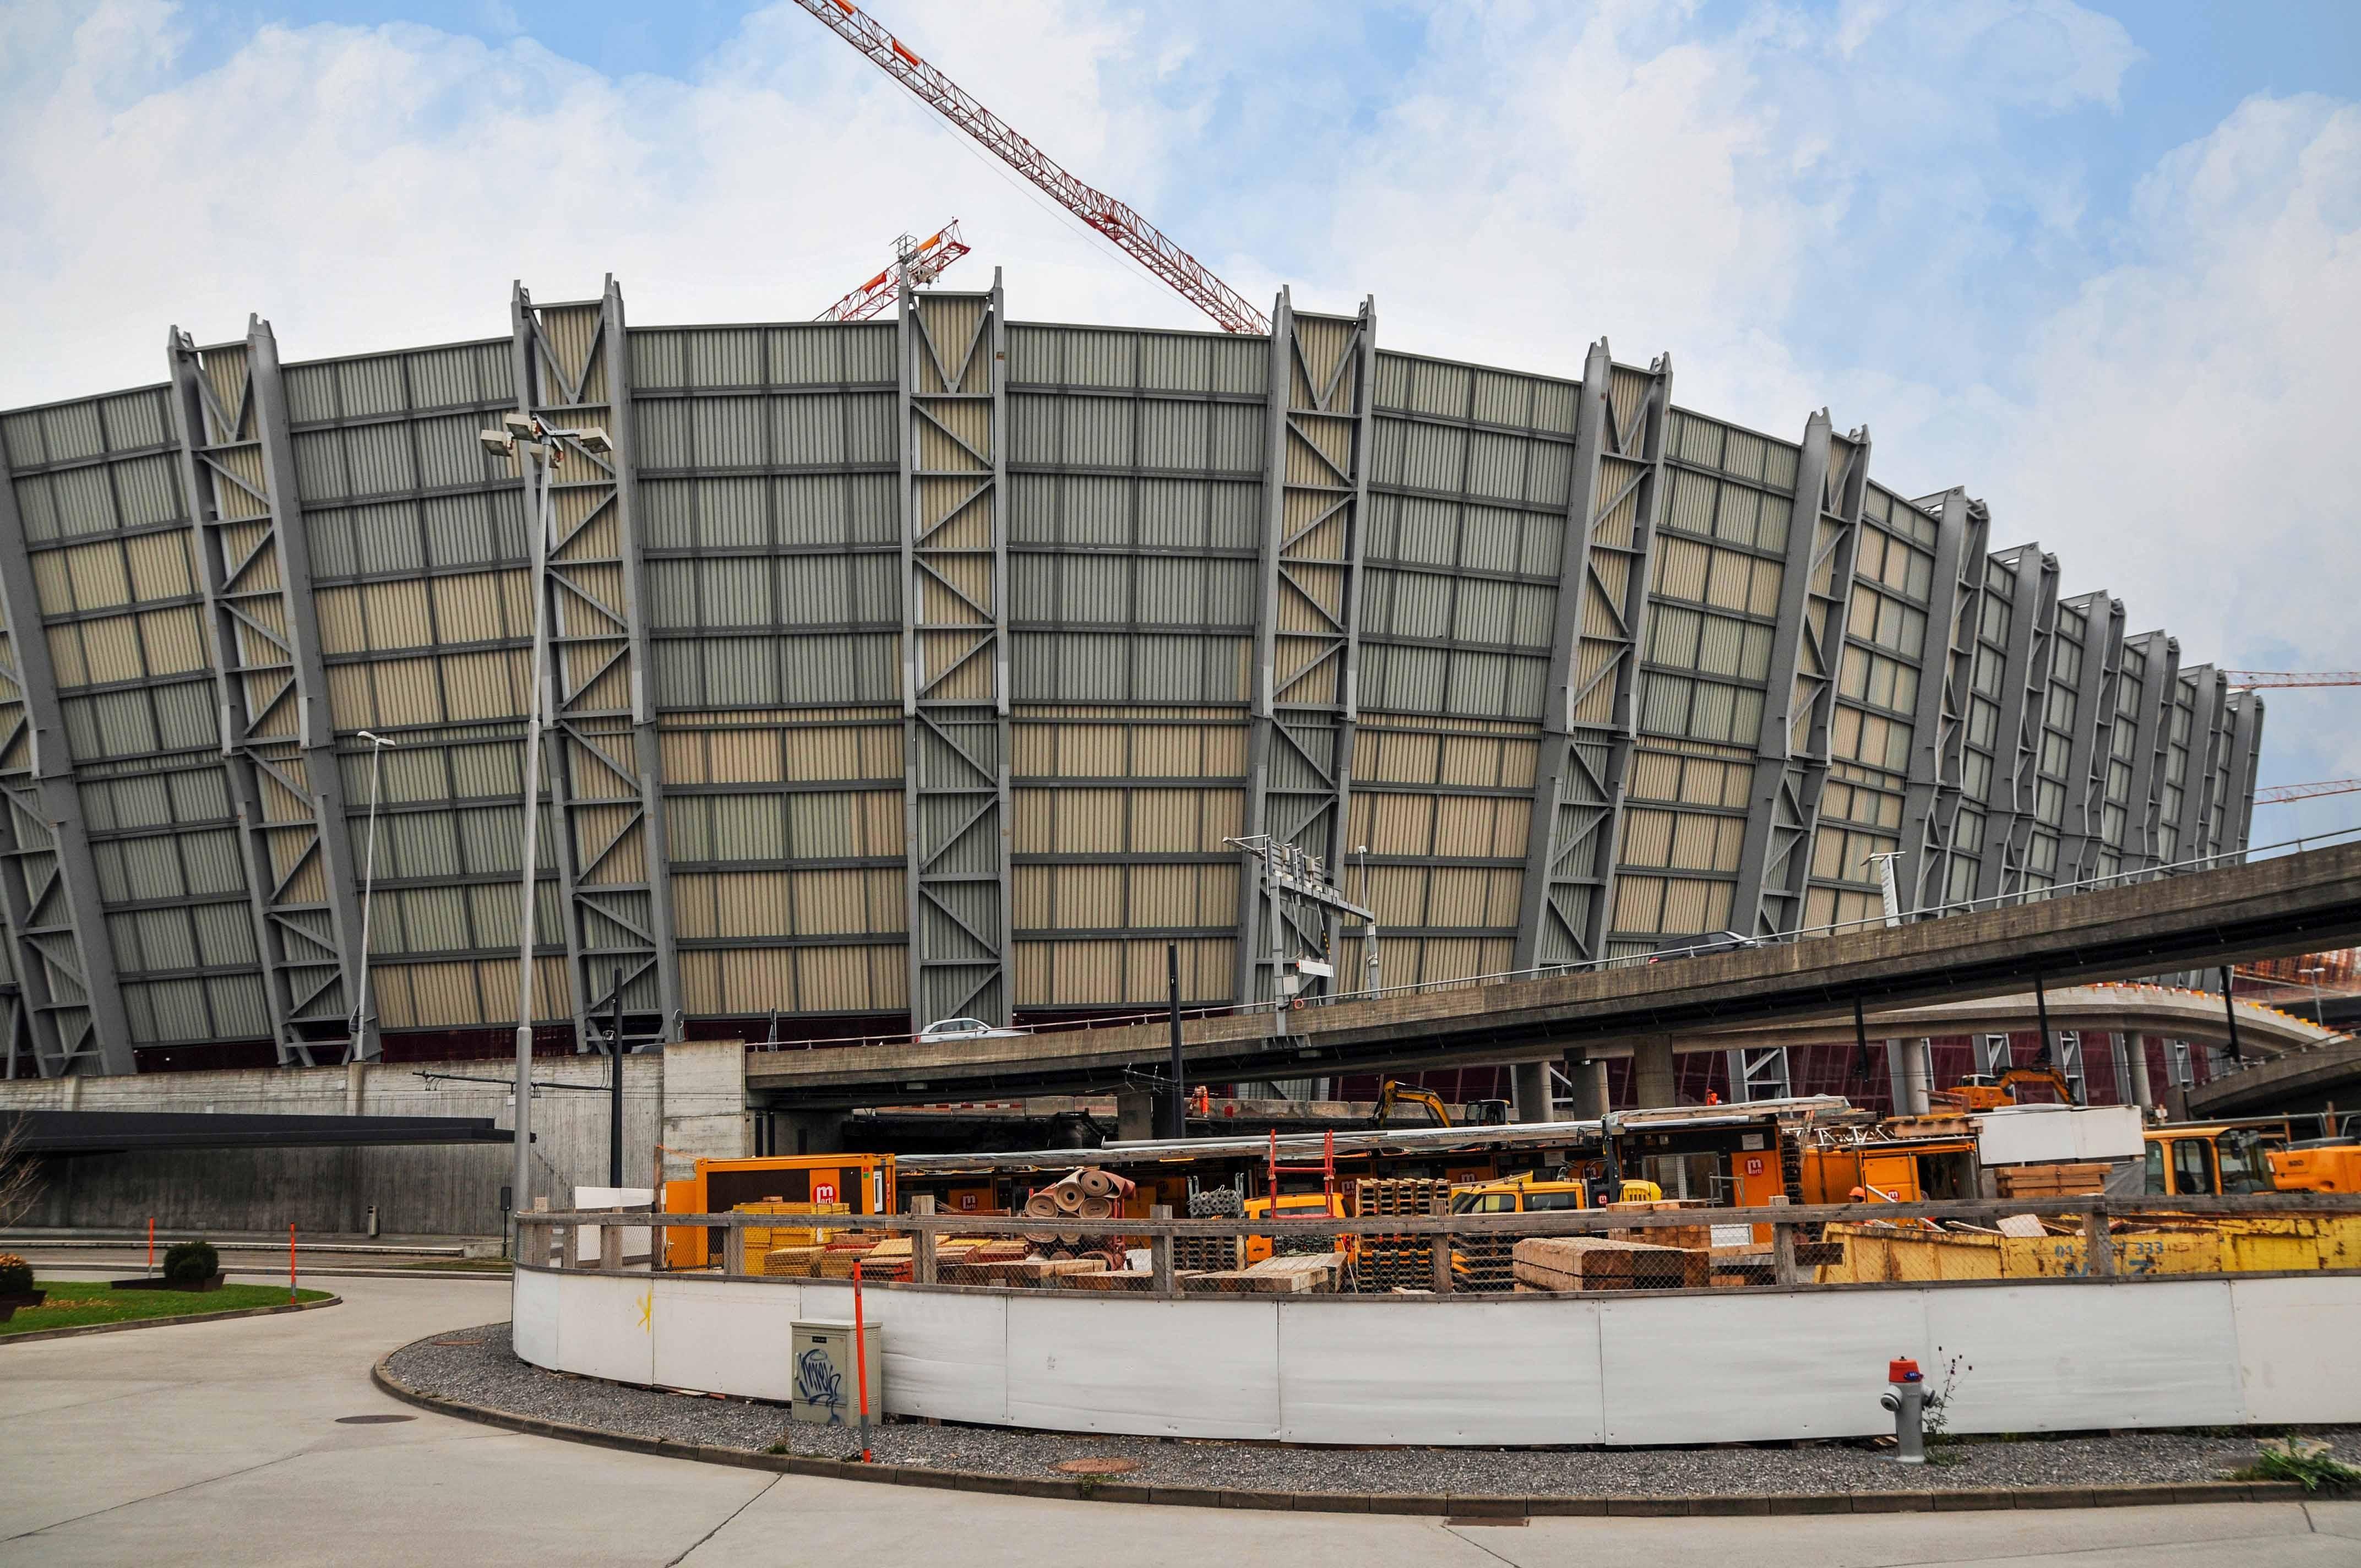 Das Vorher-Nachher zum grossen Bild: Die Bauarbeiten spielten sich im Verborgenen ab.